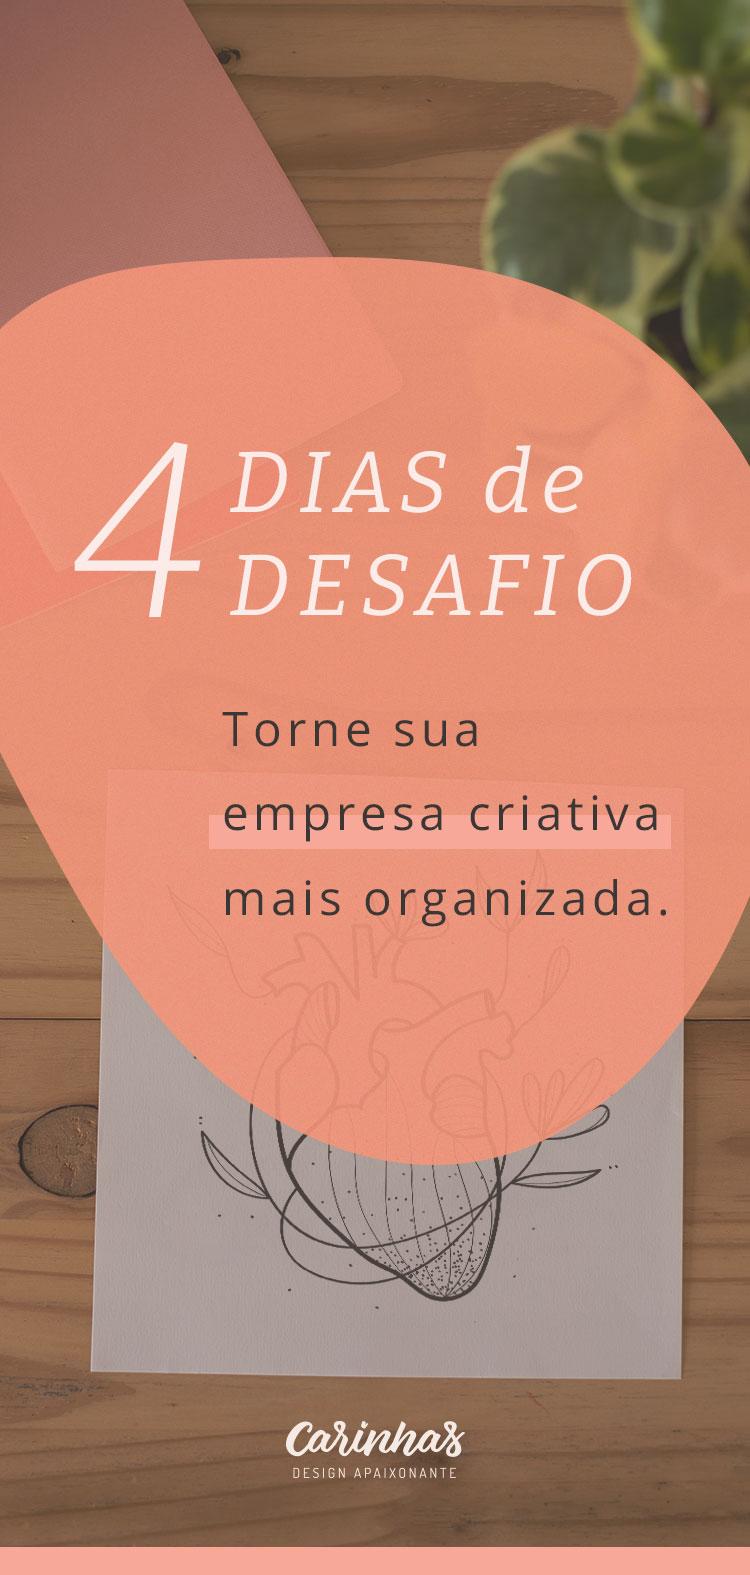 Desafio: Torne sua empresa criativa mais organizada em 4 dias